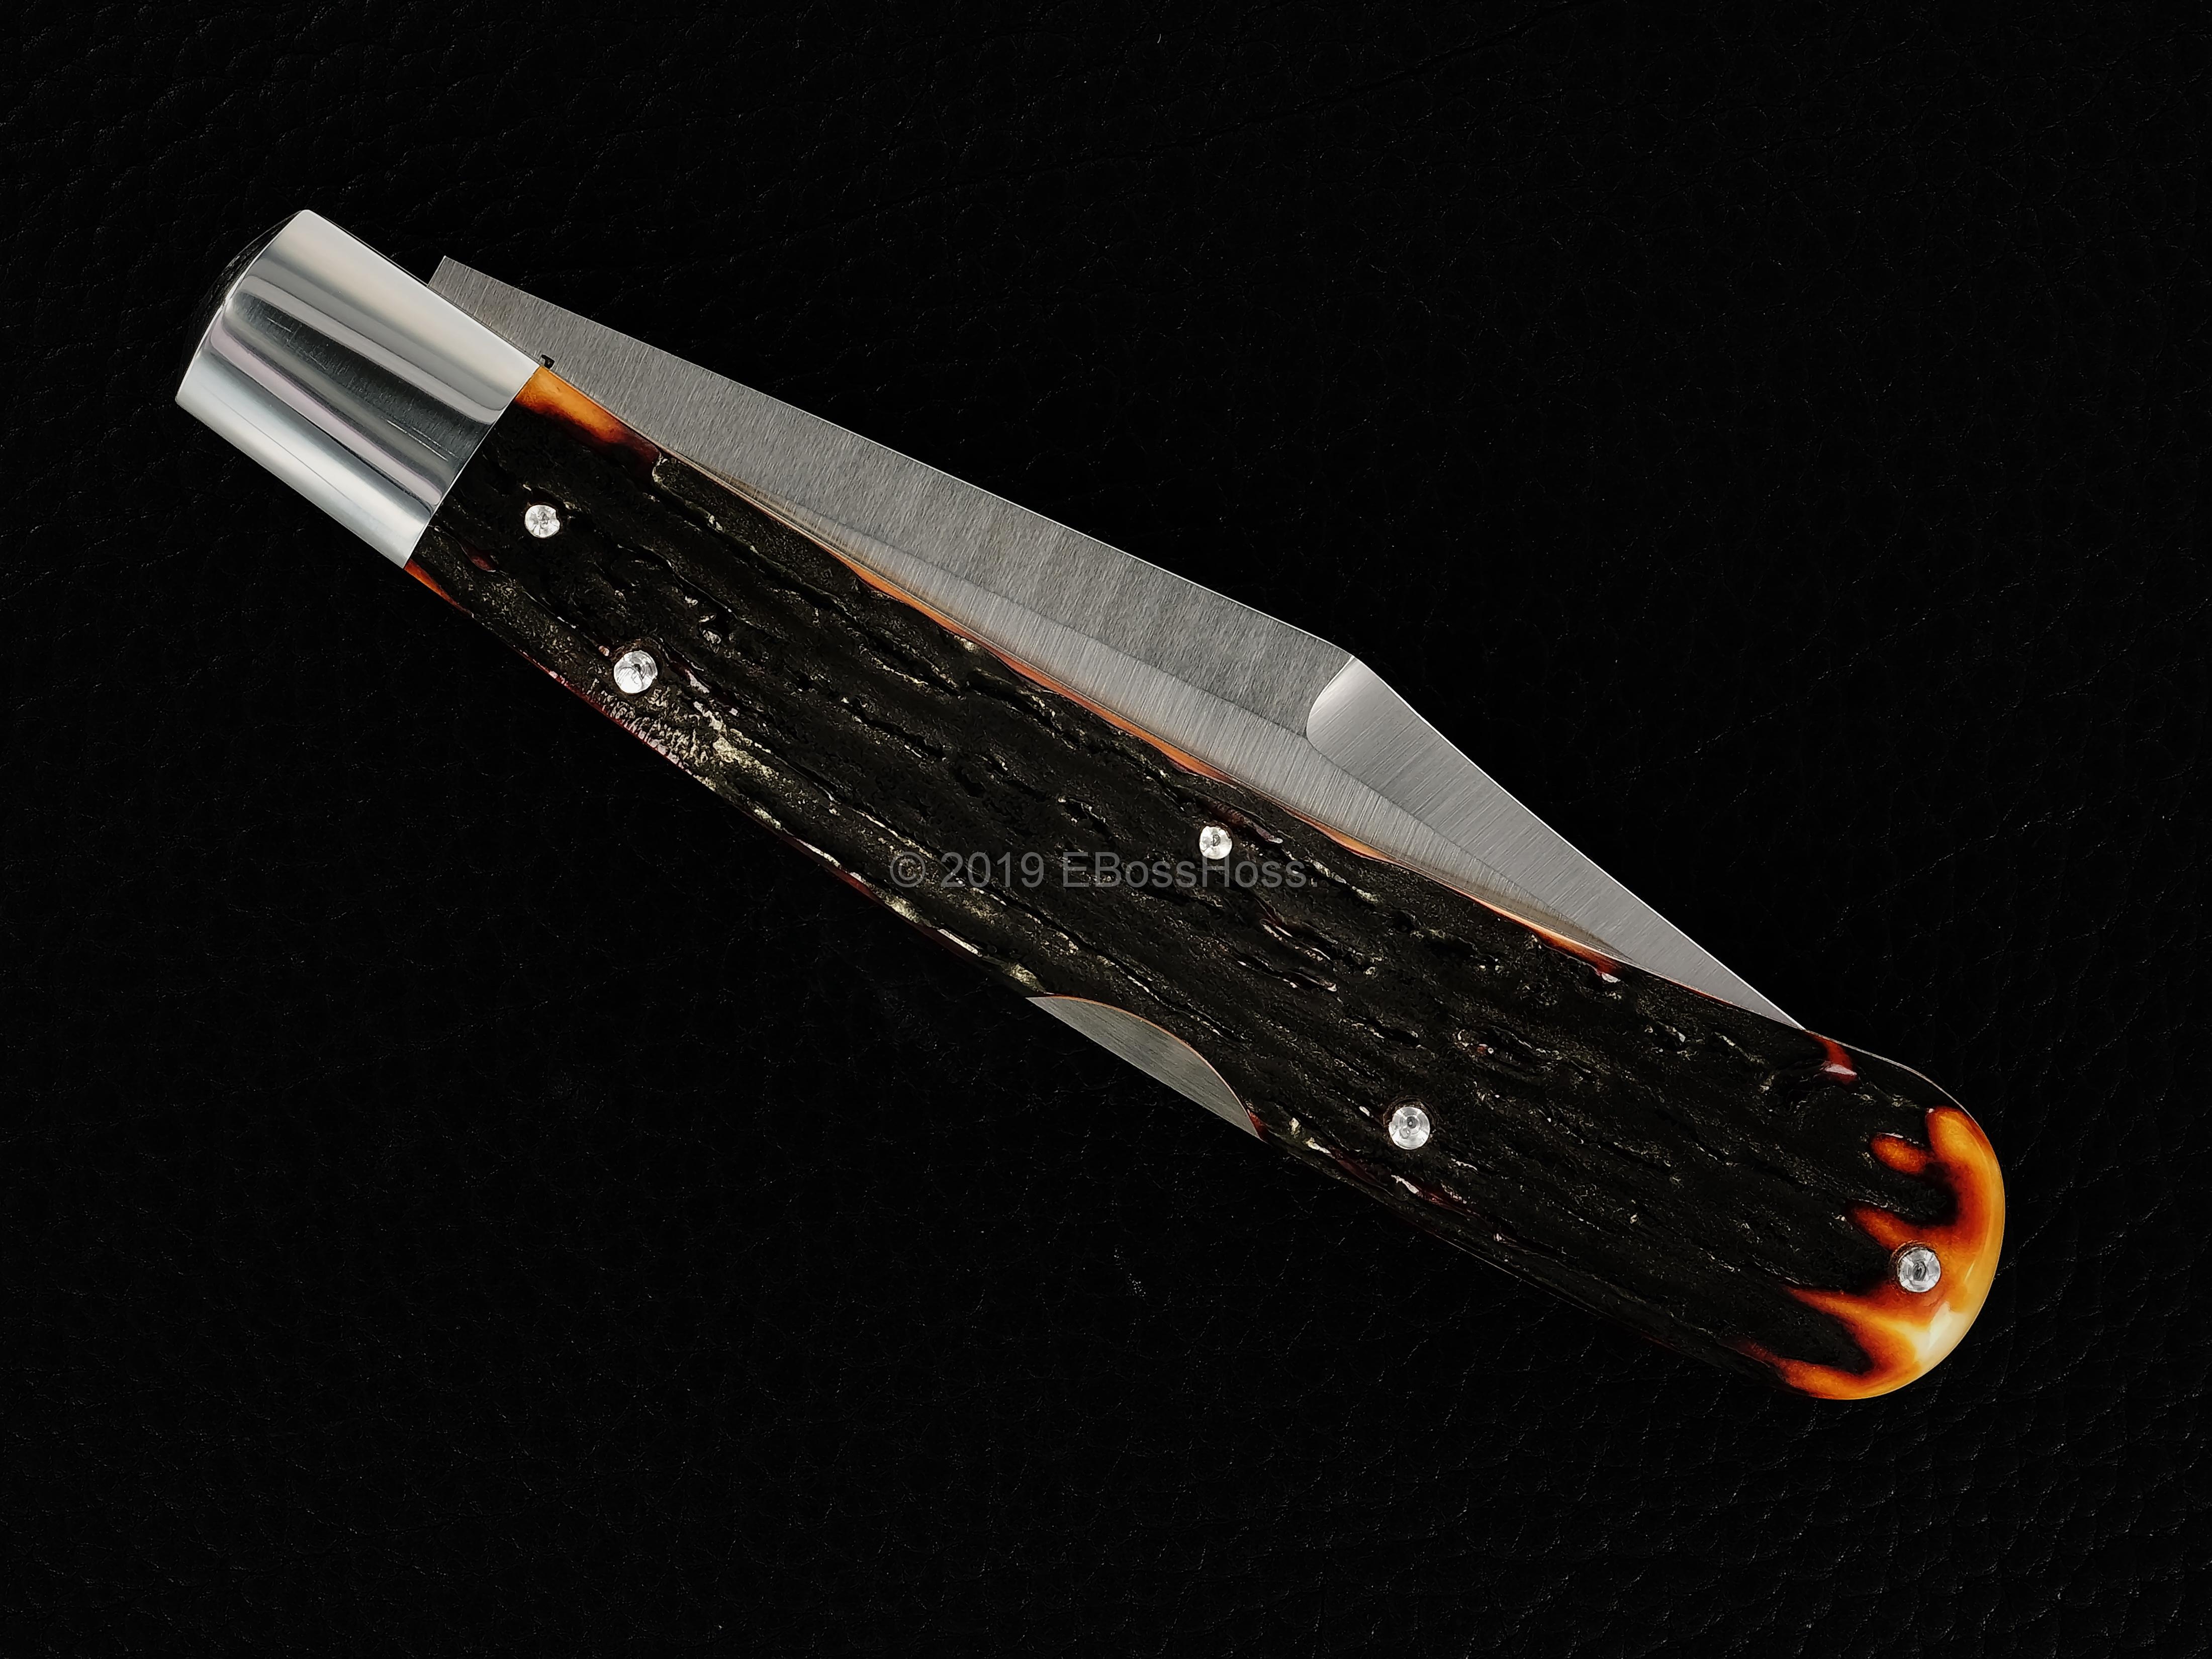 Tony Bose Custom 5 3/8-inch Lockback Stag Banana Knife PROTOTYPE